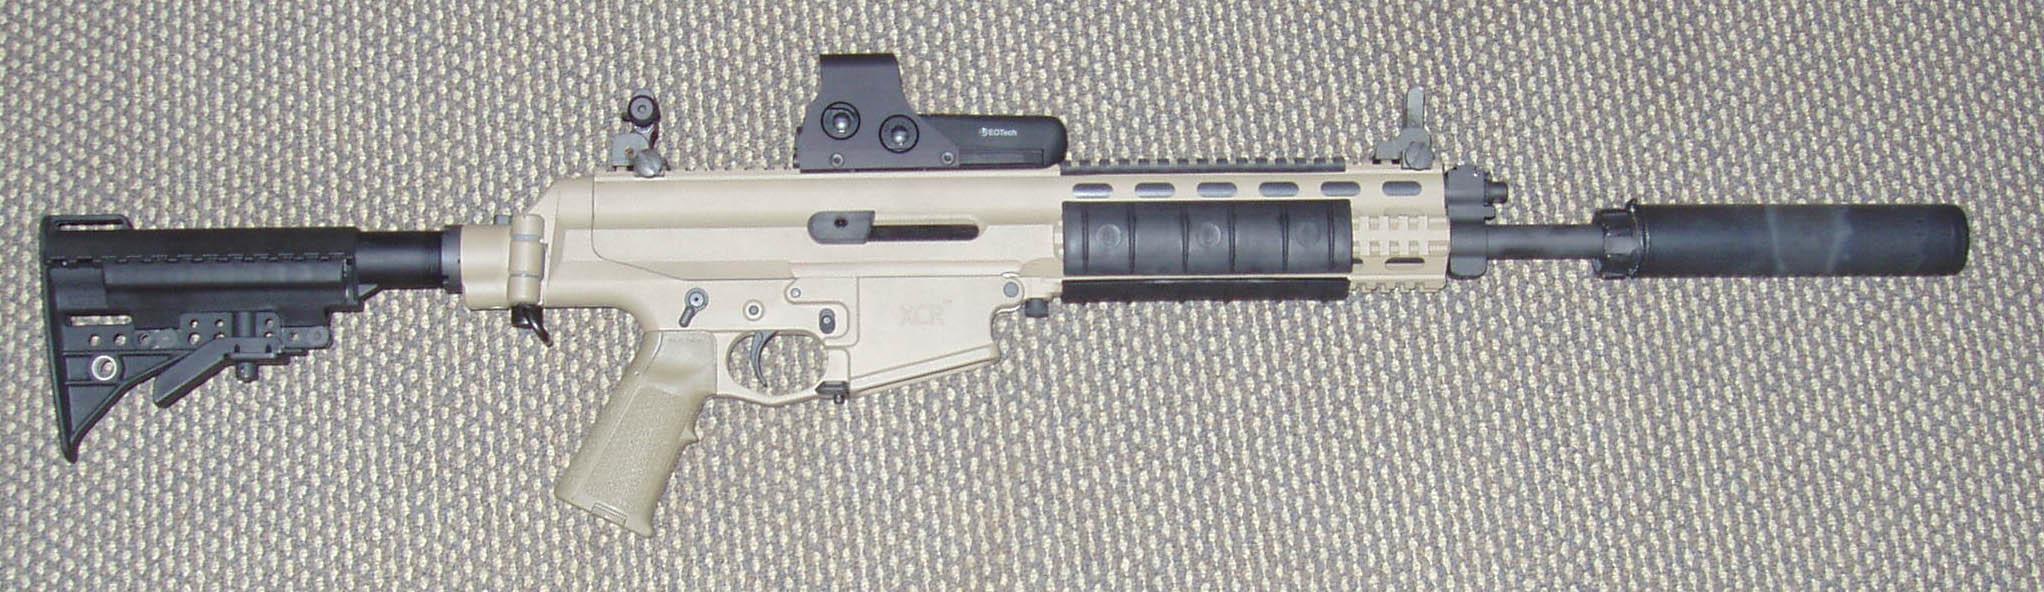 XCR Picture Thread-gun-month.jpg